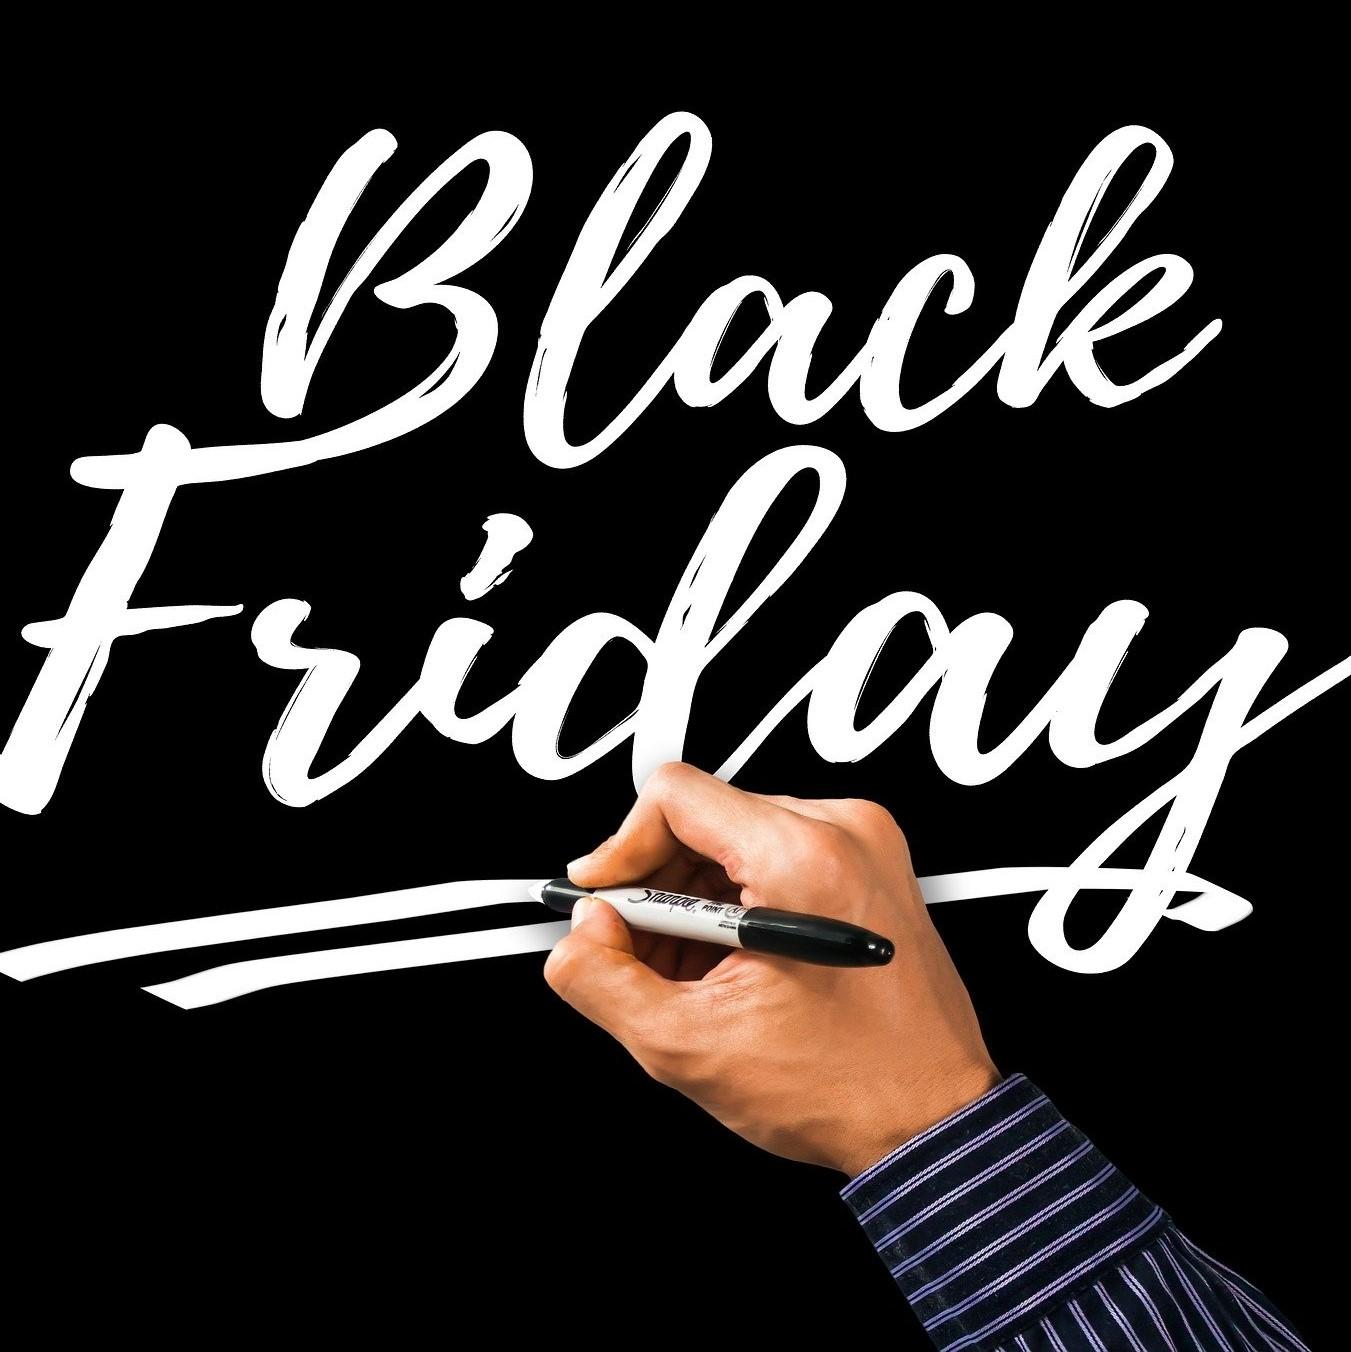 Jak robić zakupy na Black Friday i zaoszczędzić jeszcze bardziej?